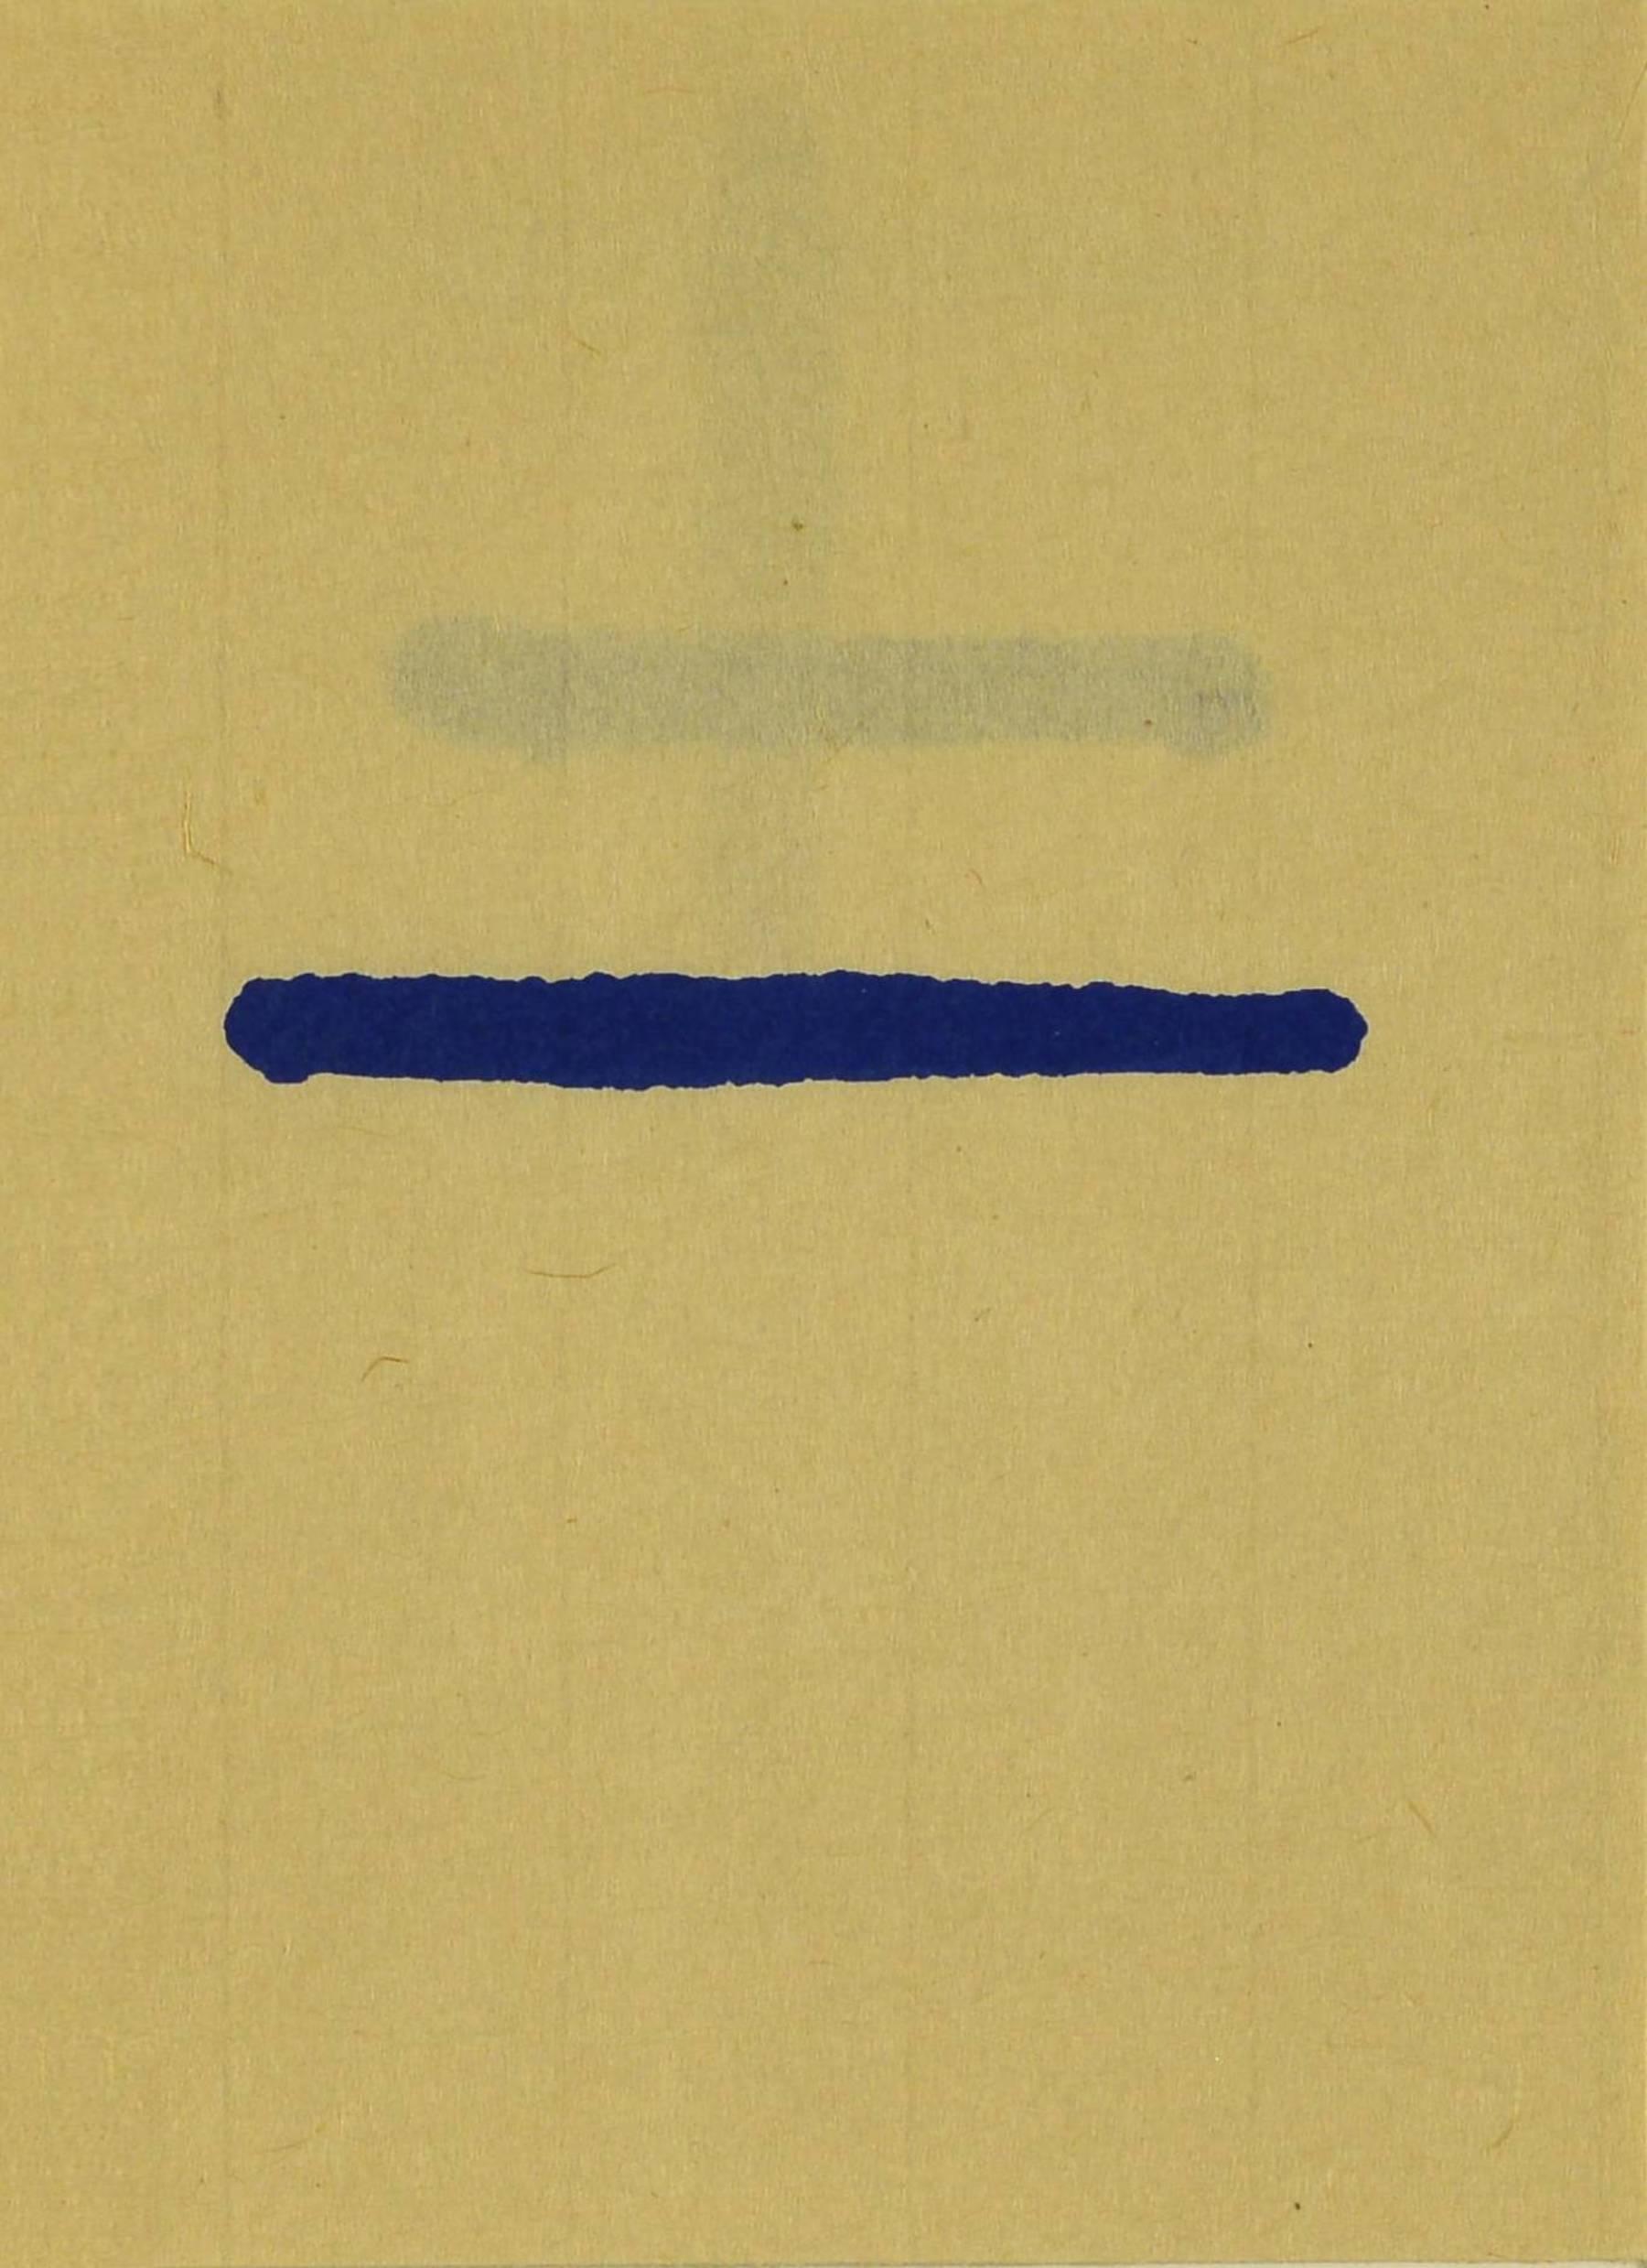 Contenu du Bleu, Bernard Villers